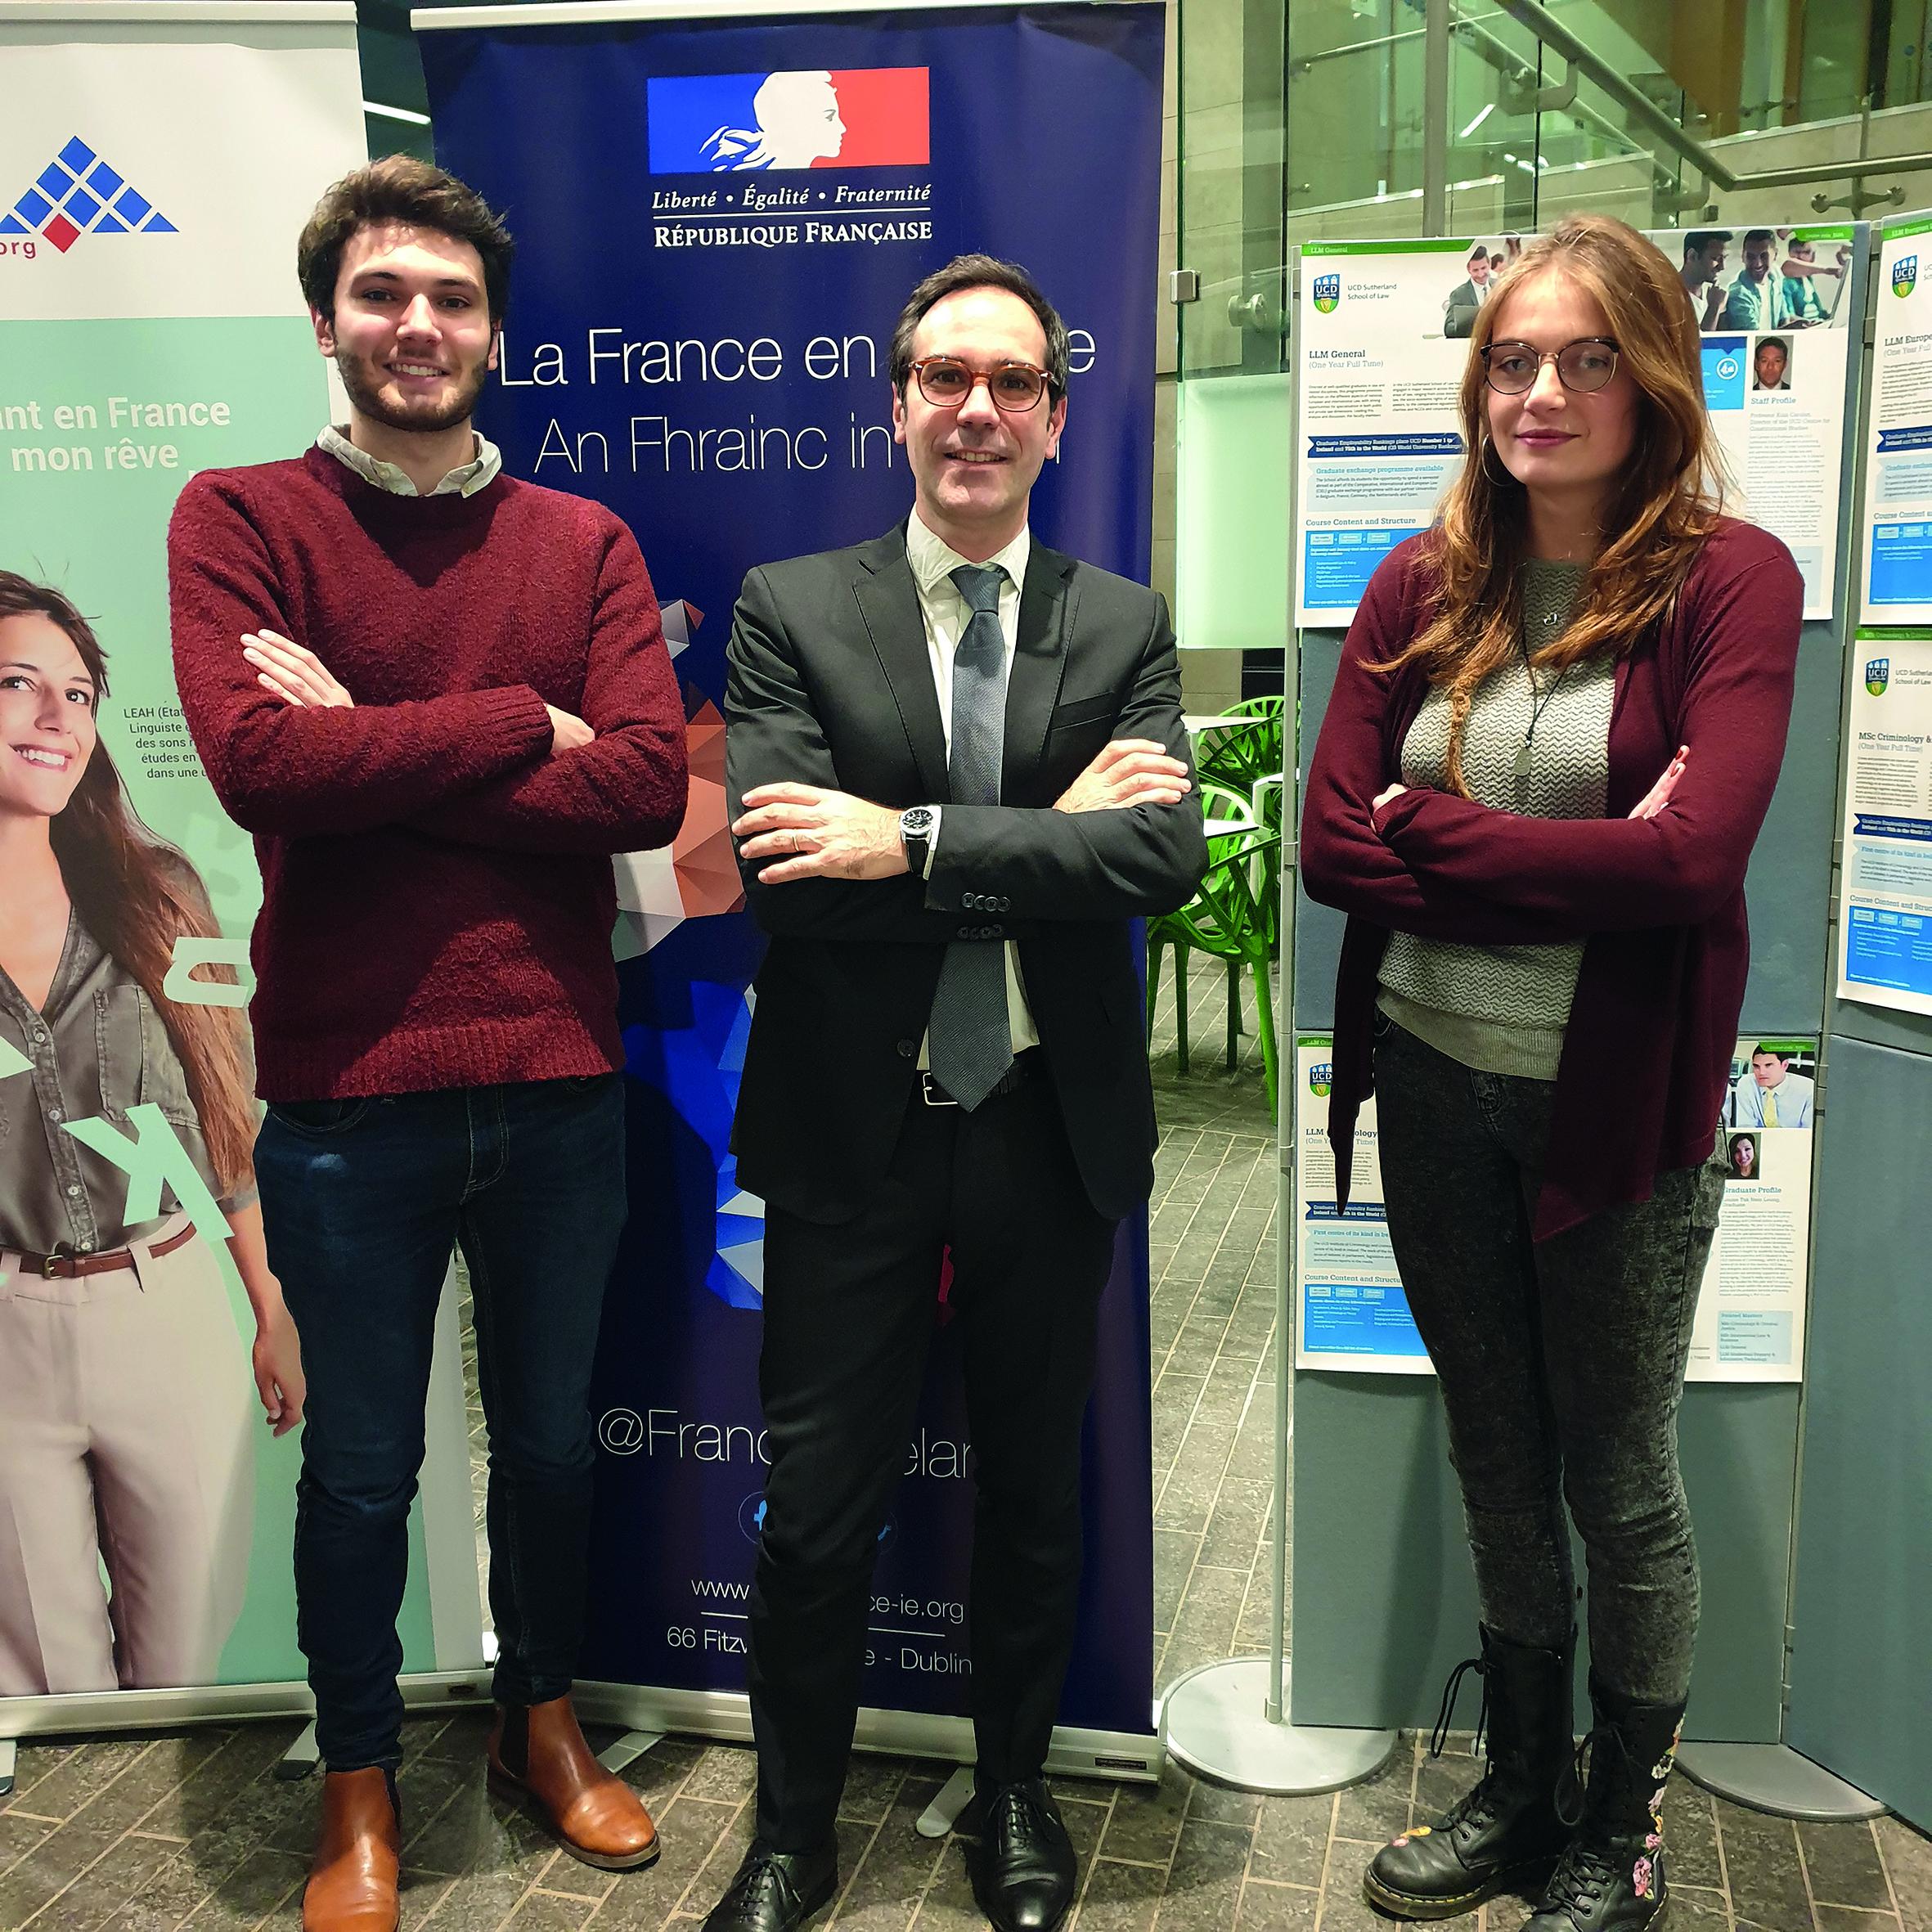 Cérémonie d'anniversaire des 20 ans des programmes français à l'University College of Dublin - Hervé de Gaudemar, doyen de la faculté de droit entouré de deux étudiants de master